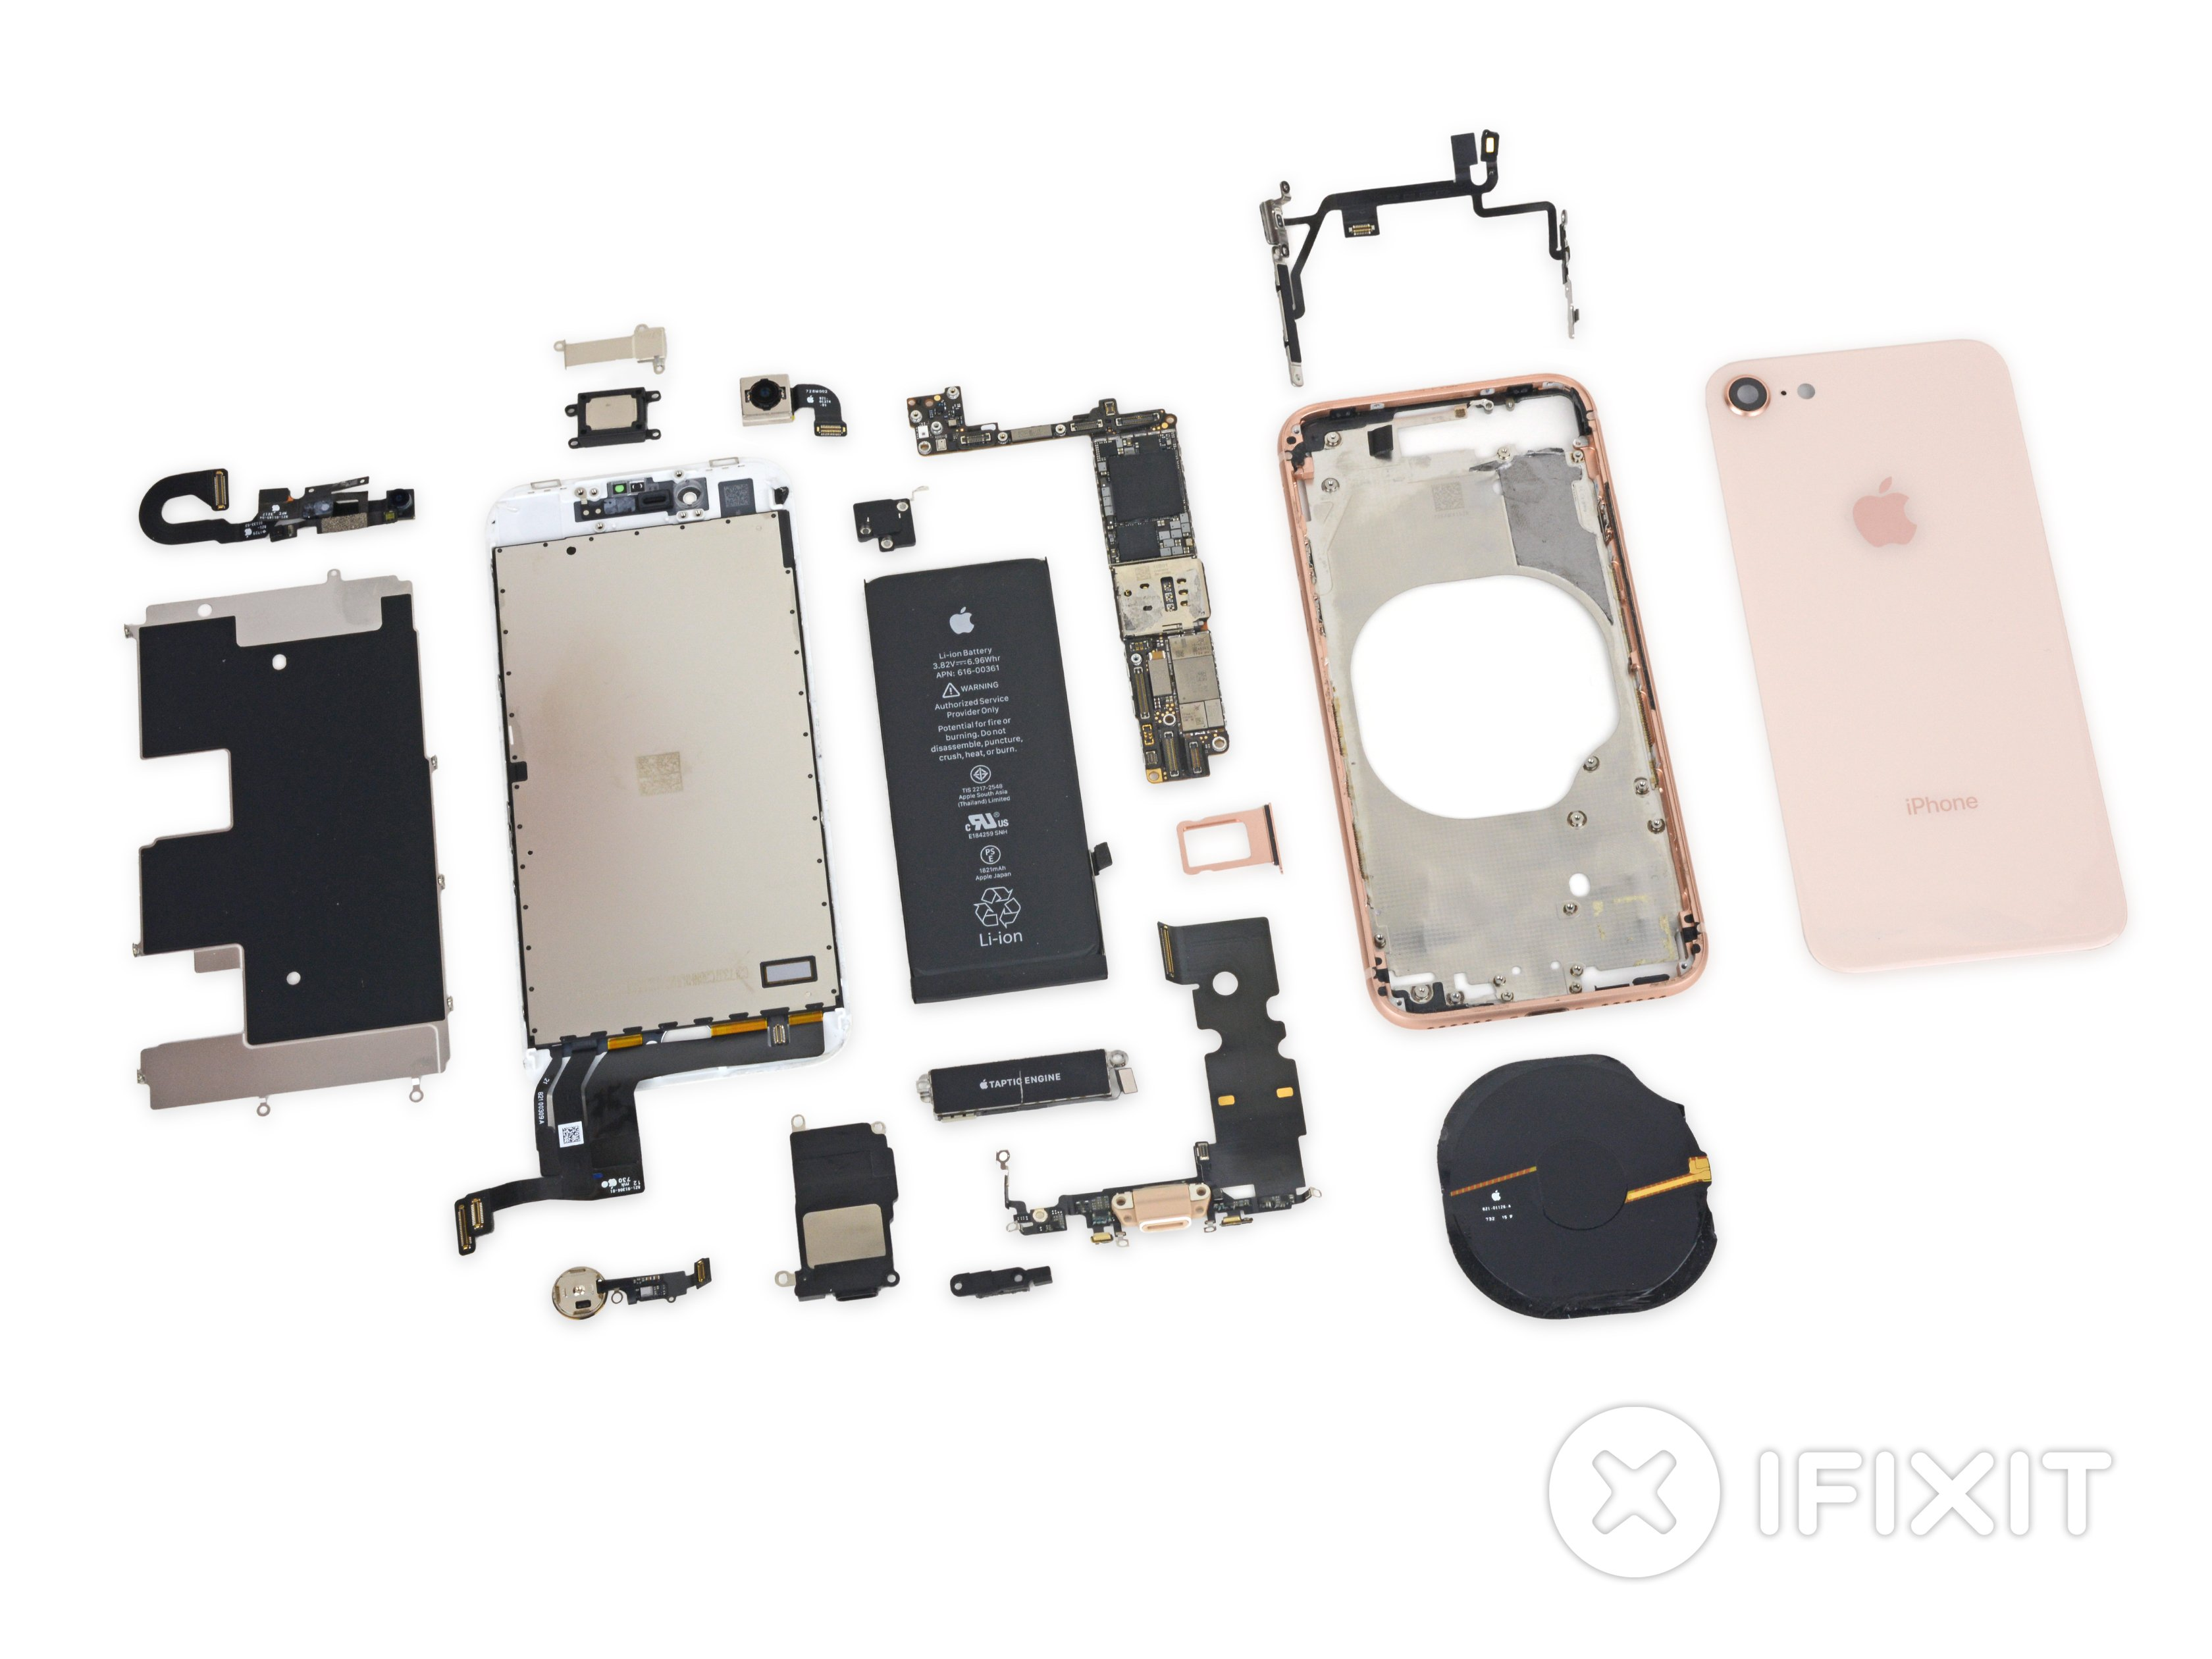 iPhone 8 Teardown